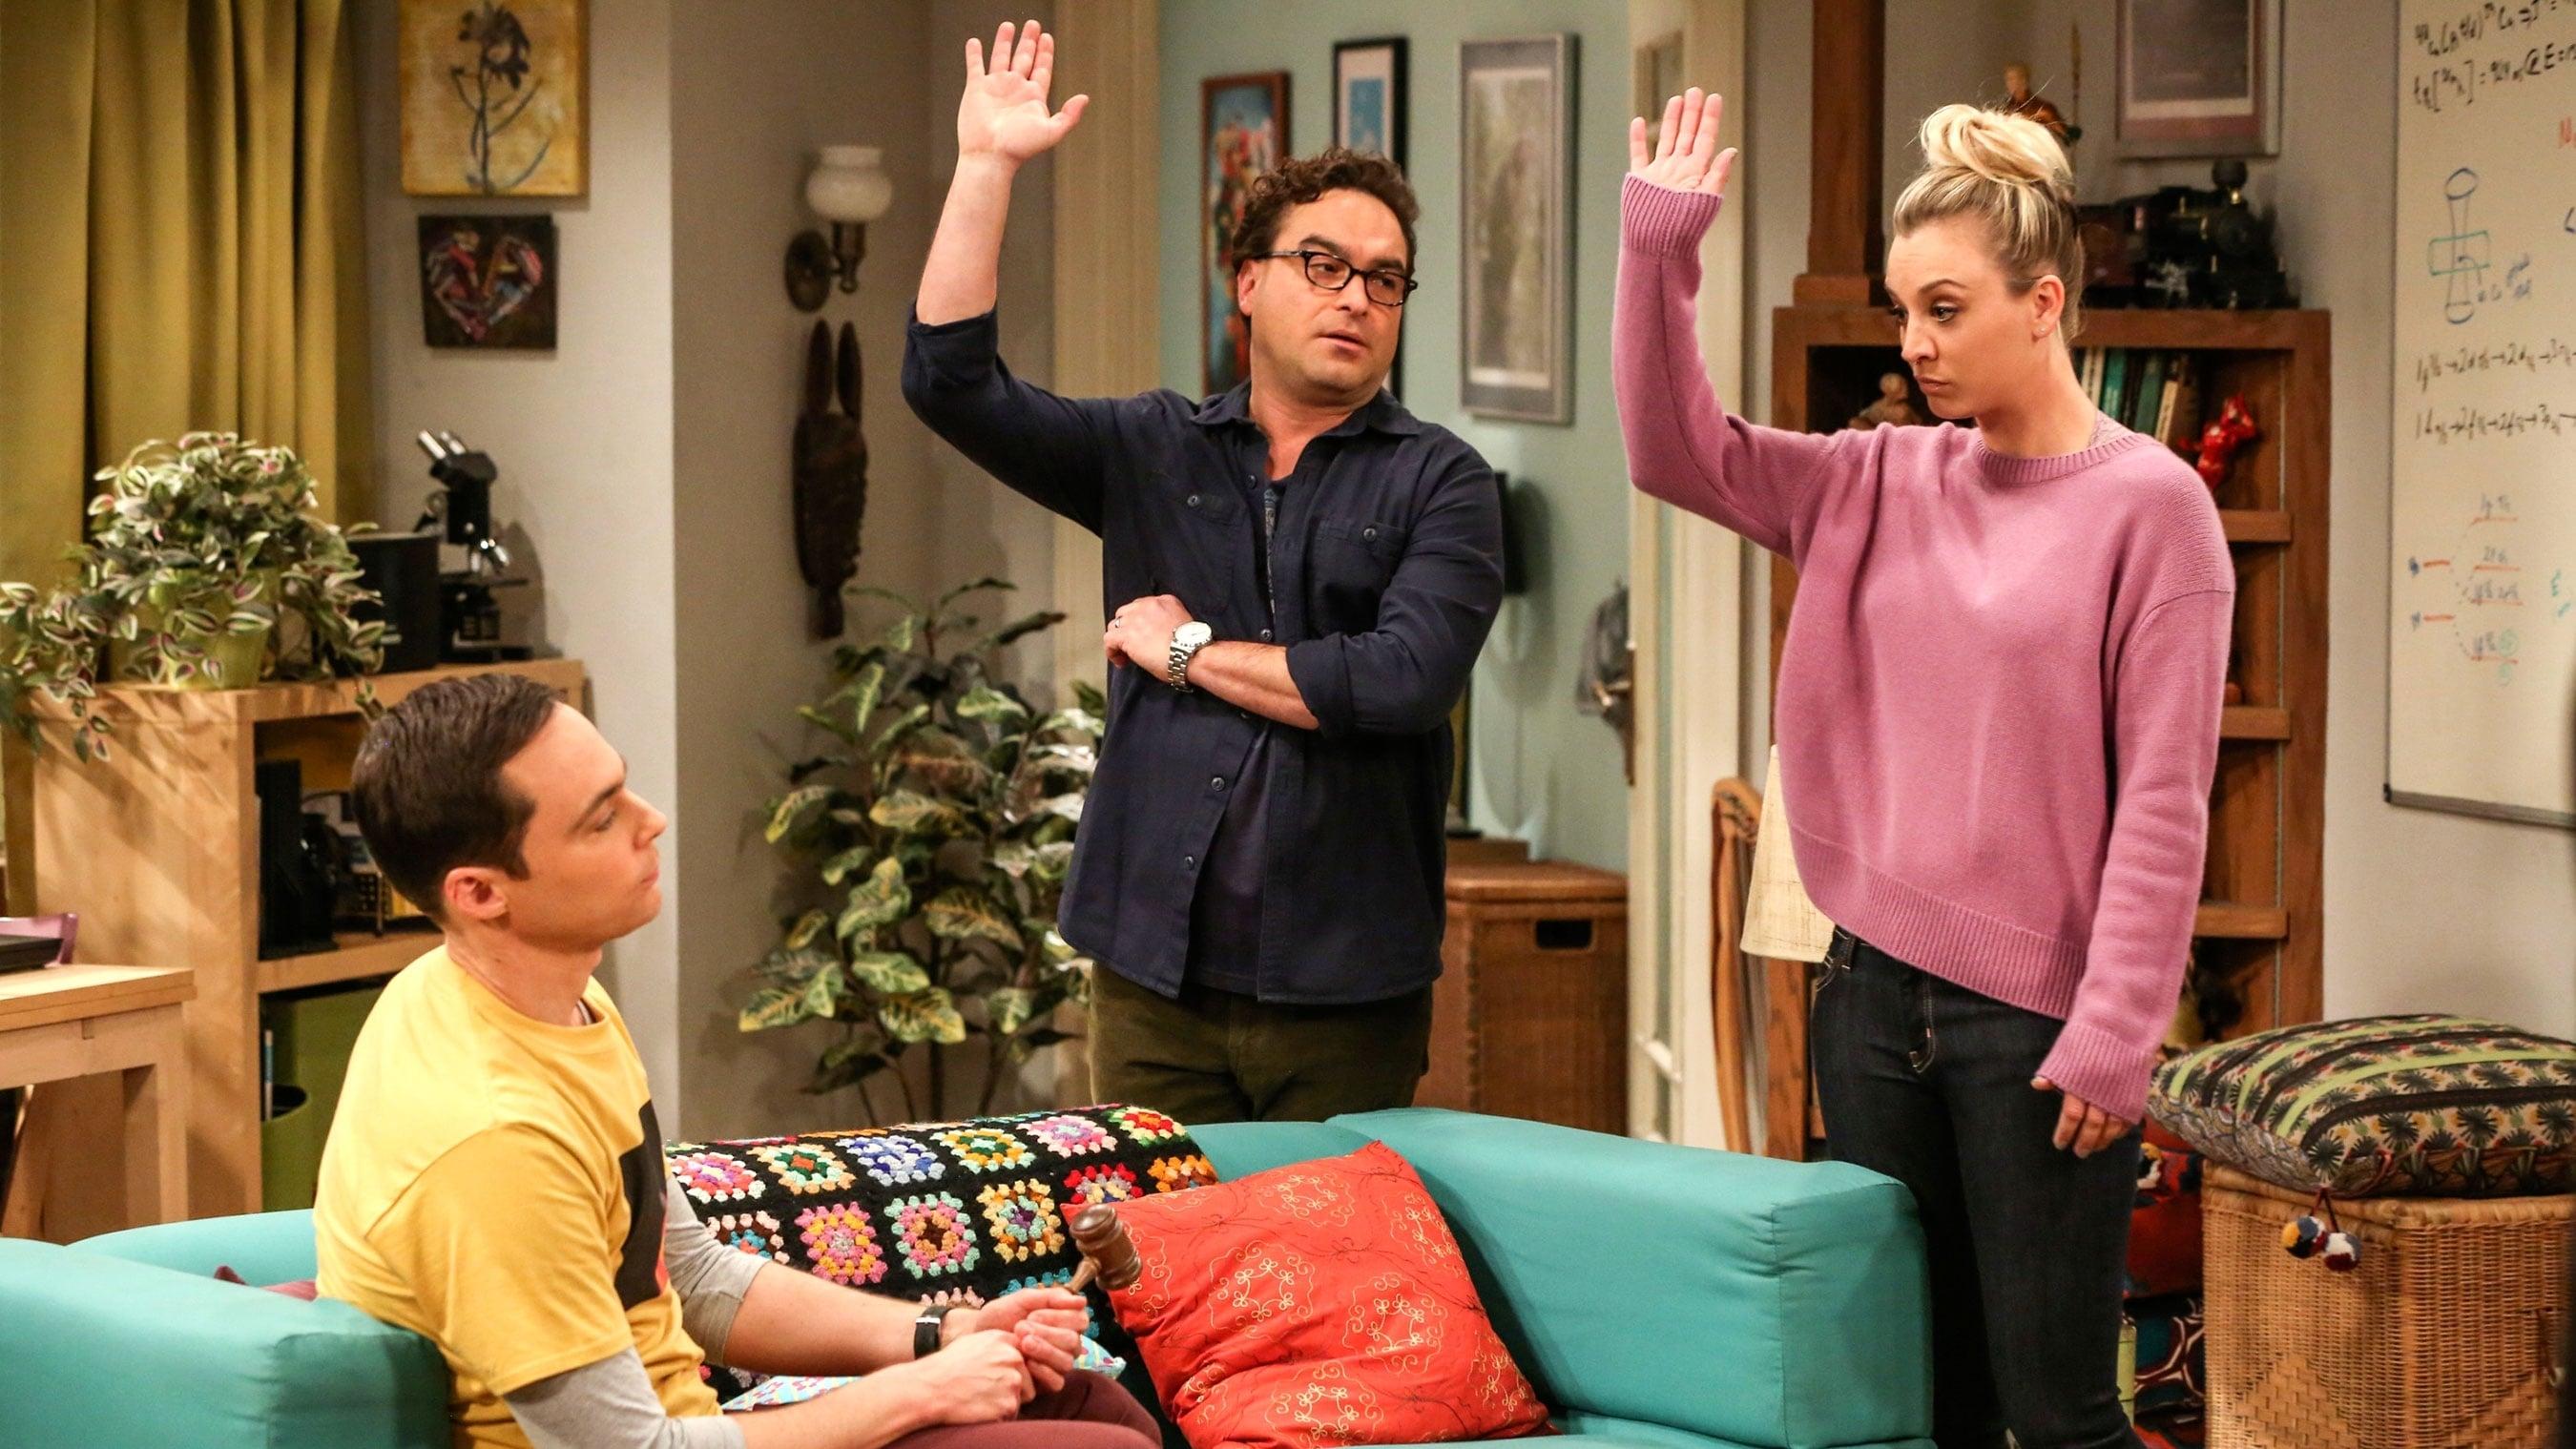 The Big Bang Theory Season 11 : The Tenant Disassociation